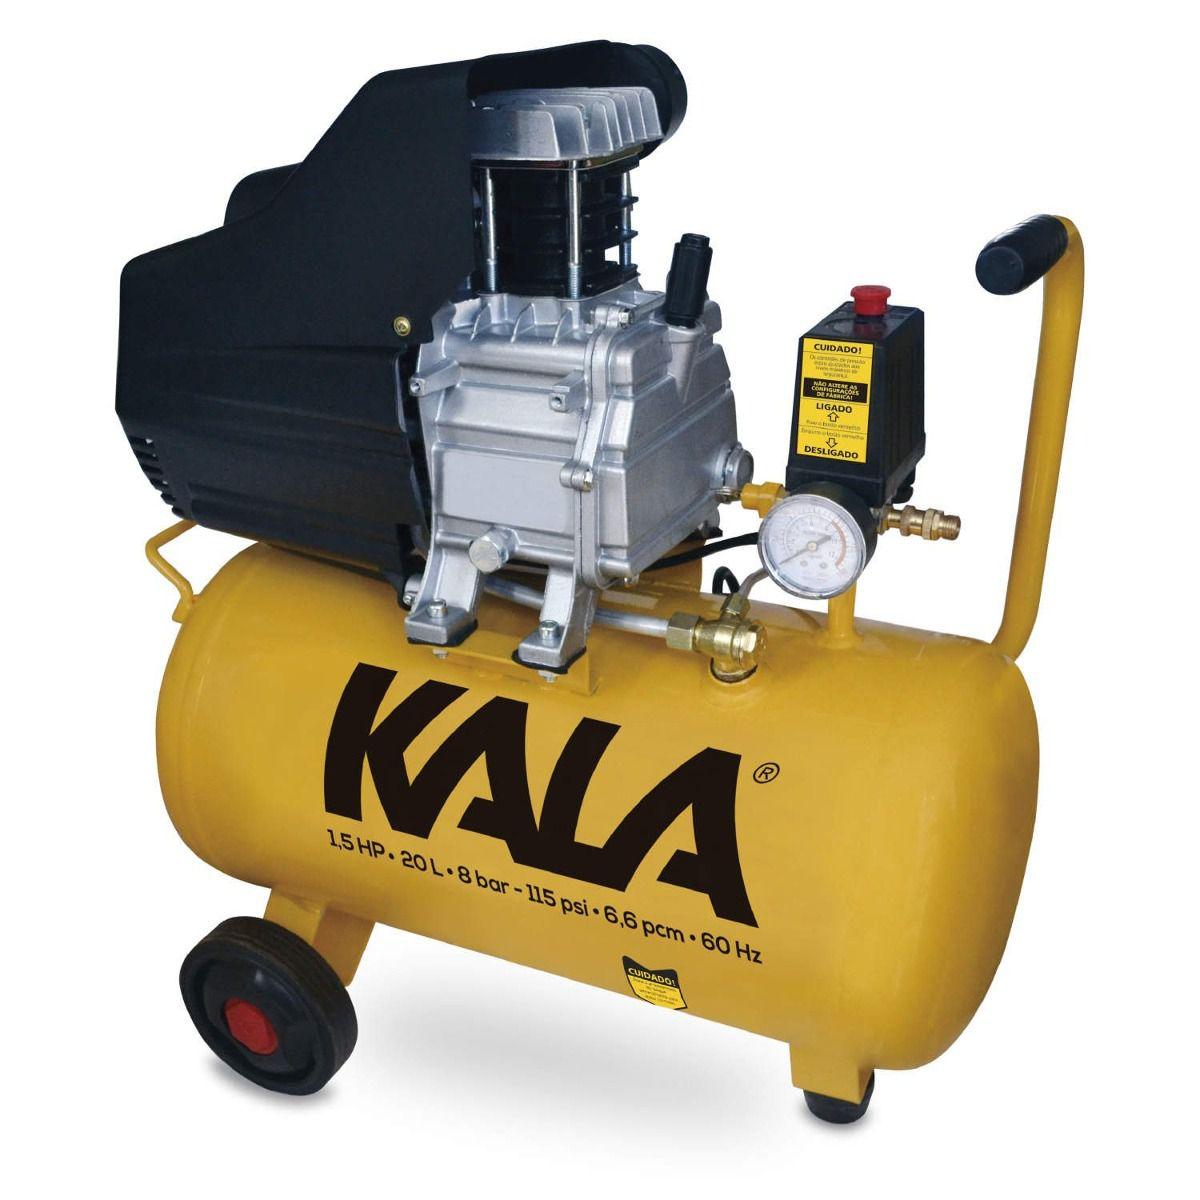 Compressor de Ar 1,5hp 20lts 60hz 3200rpm 127v - Kala